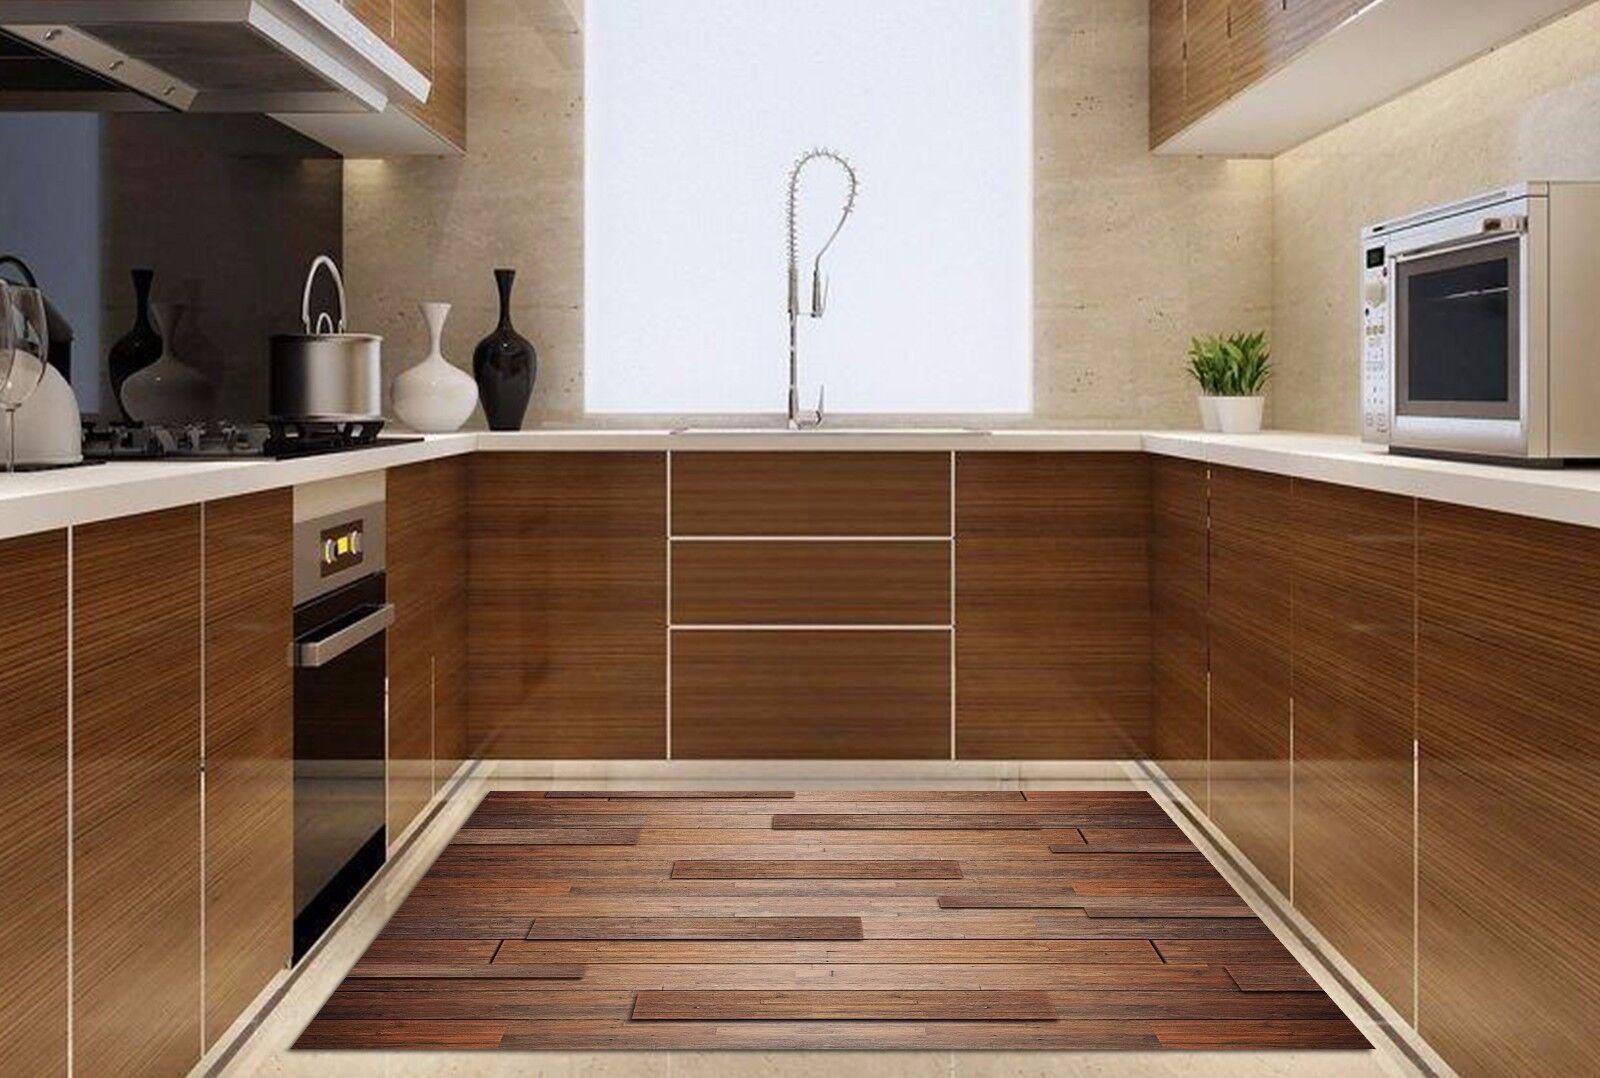 3D Wood Stripes 5 Kitchen Mat Floor Murals Wall Print Wall AJ WALLPAPER UK Kyra